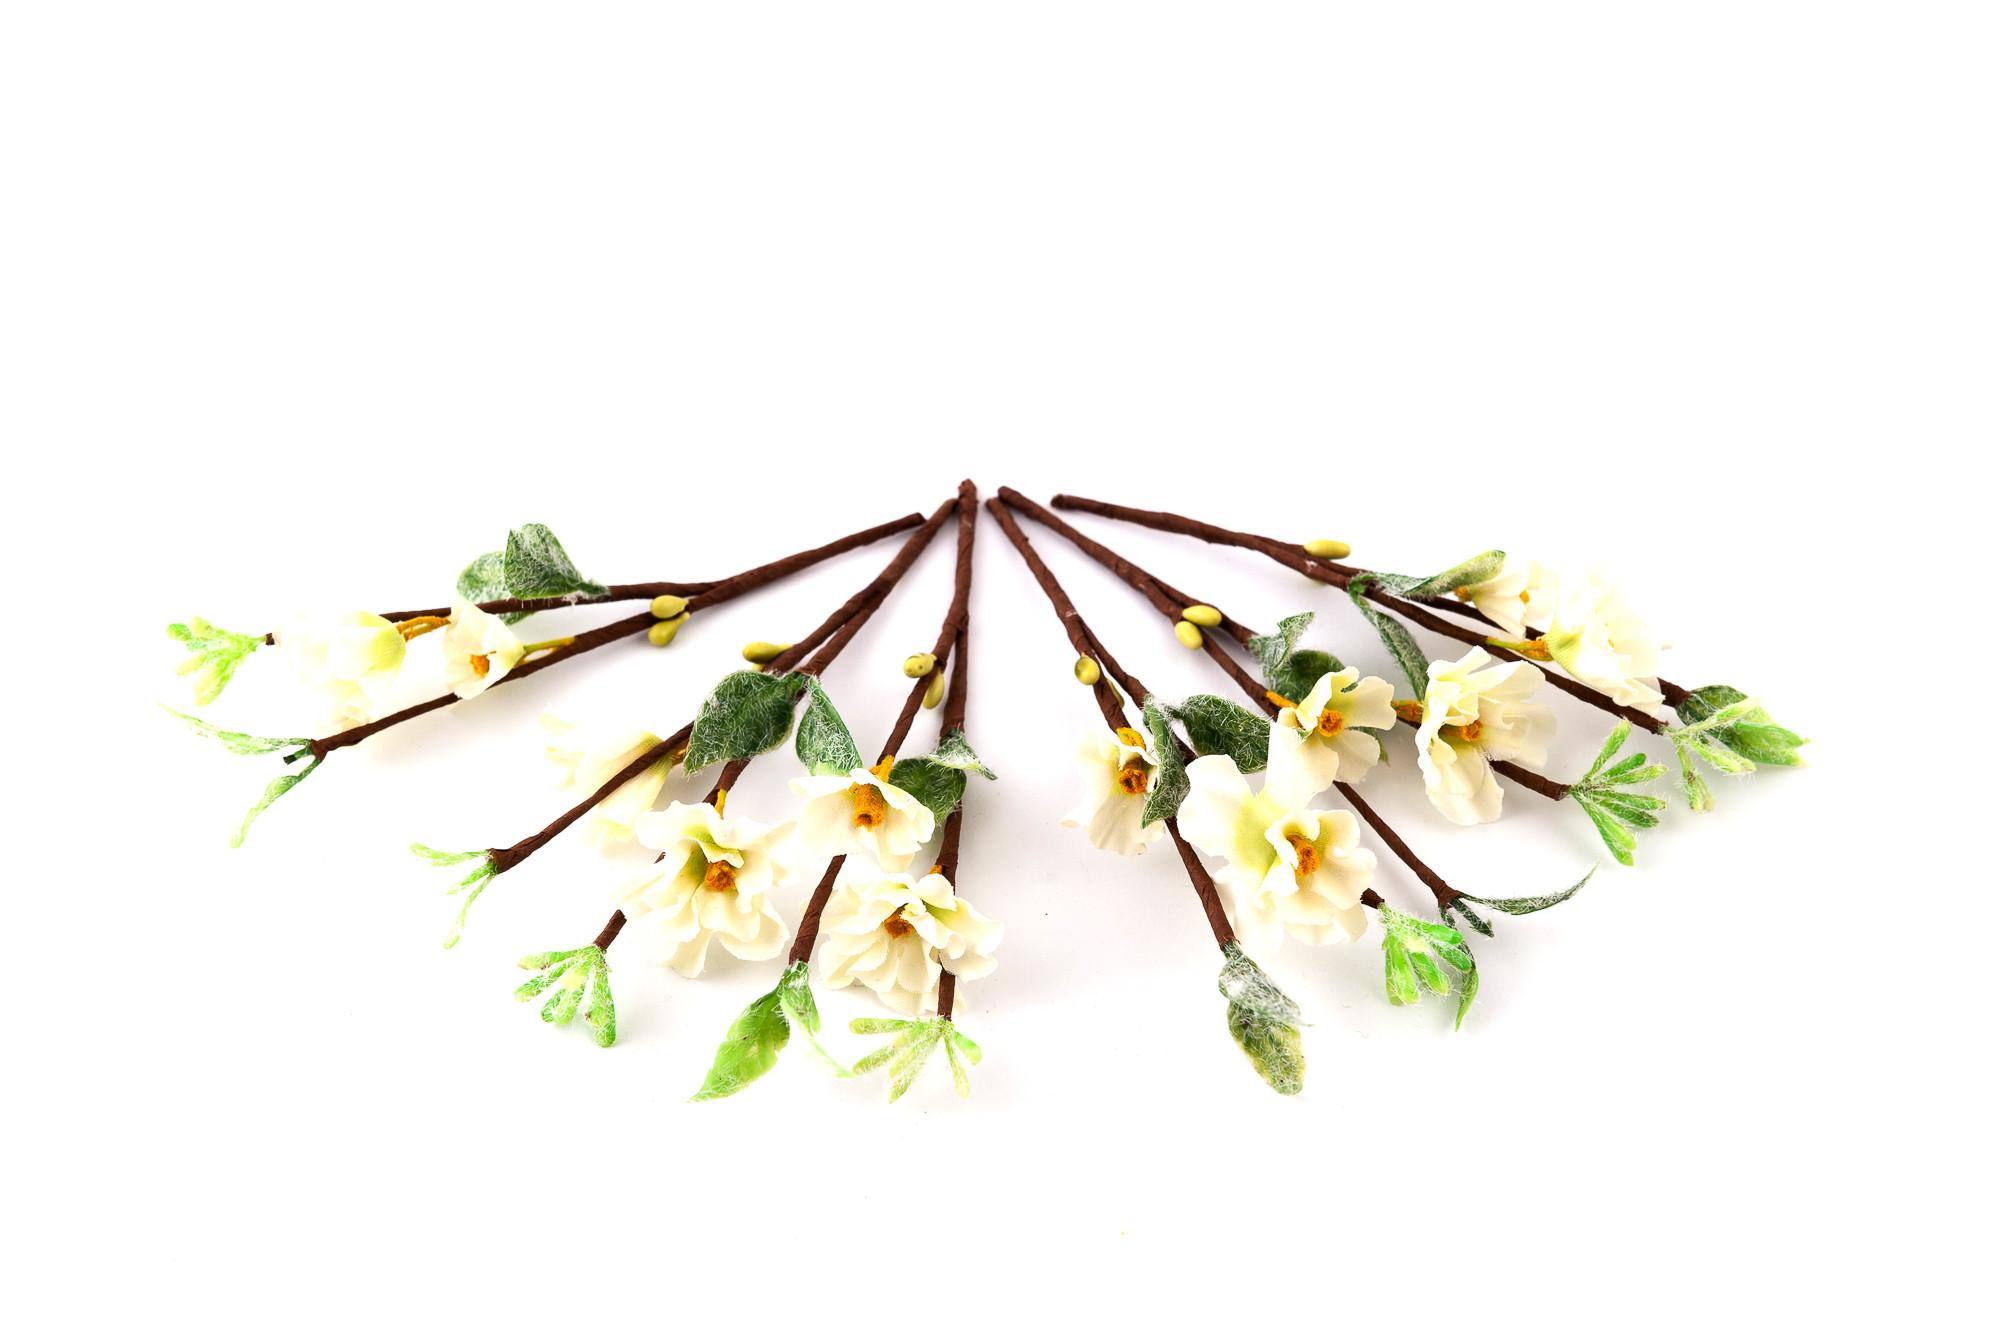 Kvetoucí větvičky jabloně, 6 ks